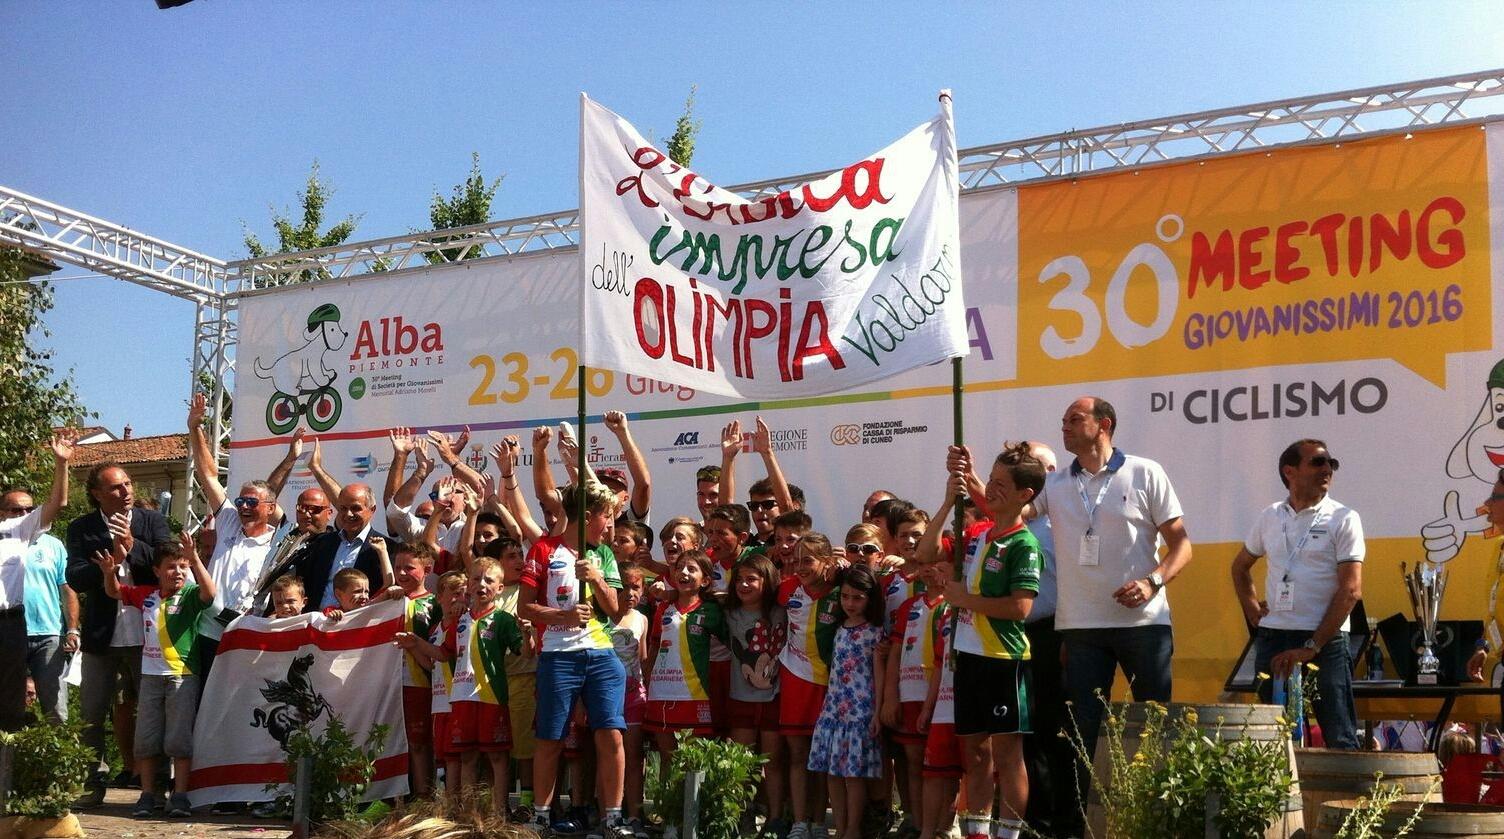 Conclusi ad Alba i campionati nazionali giovanissimi, i risultati dei cortonesi aiutano l'Olimpia Valdarnese